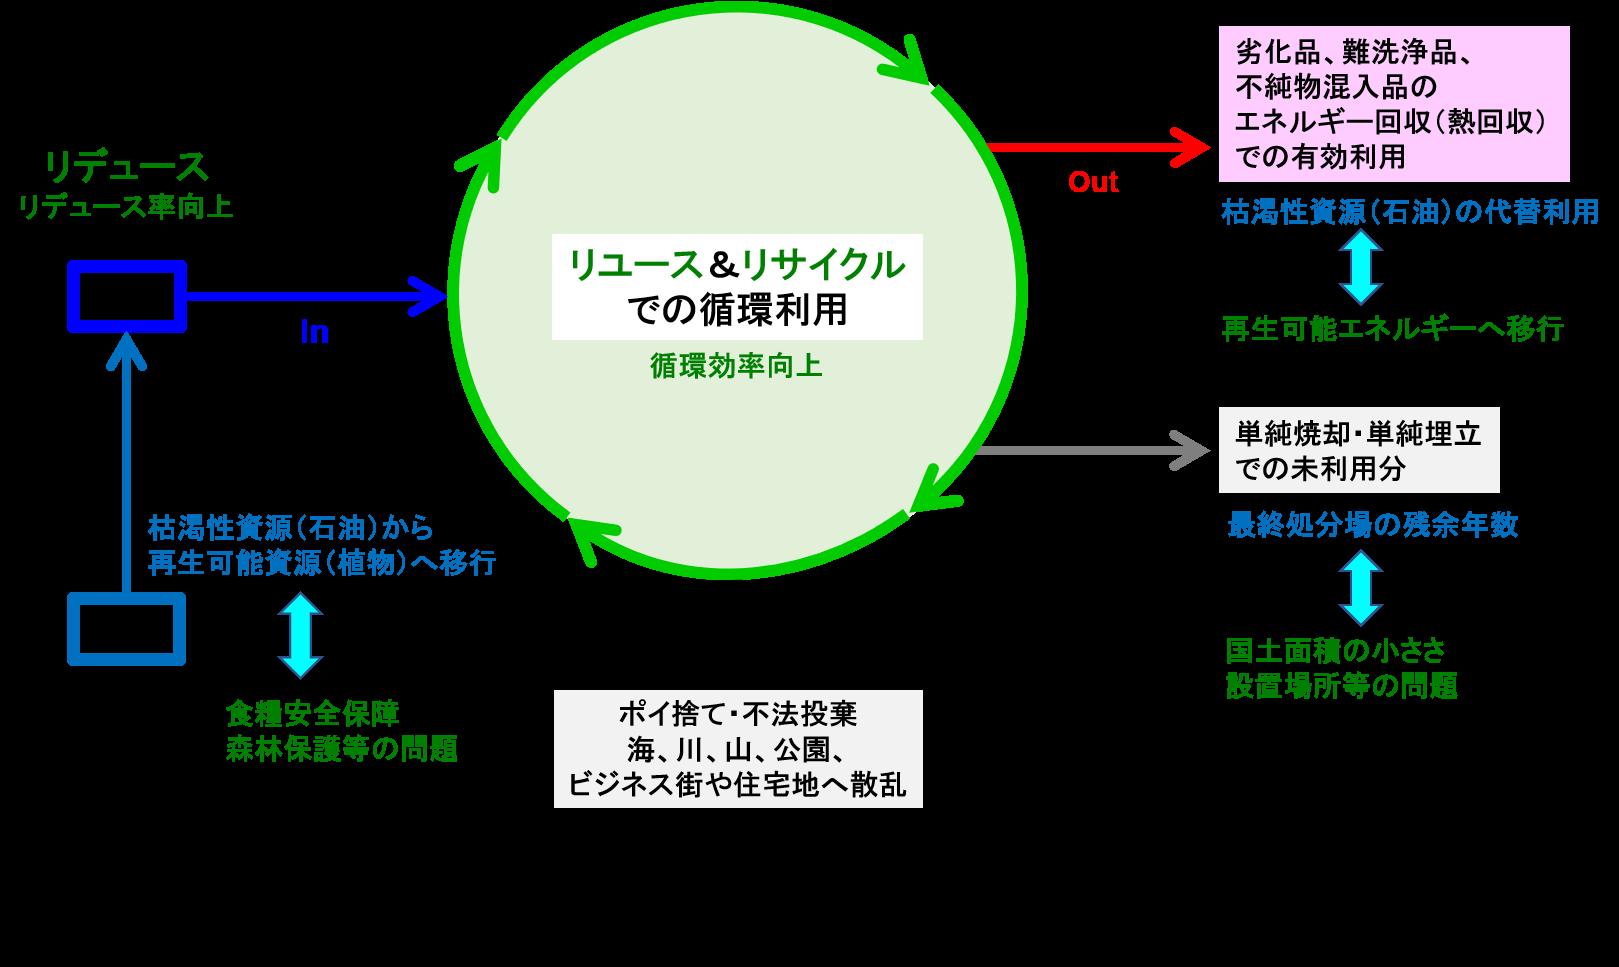 社会 循環 型